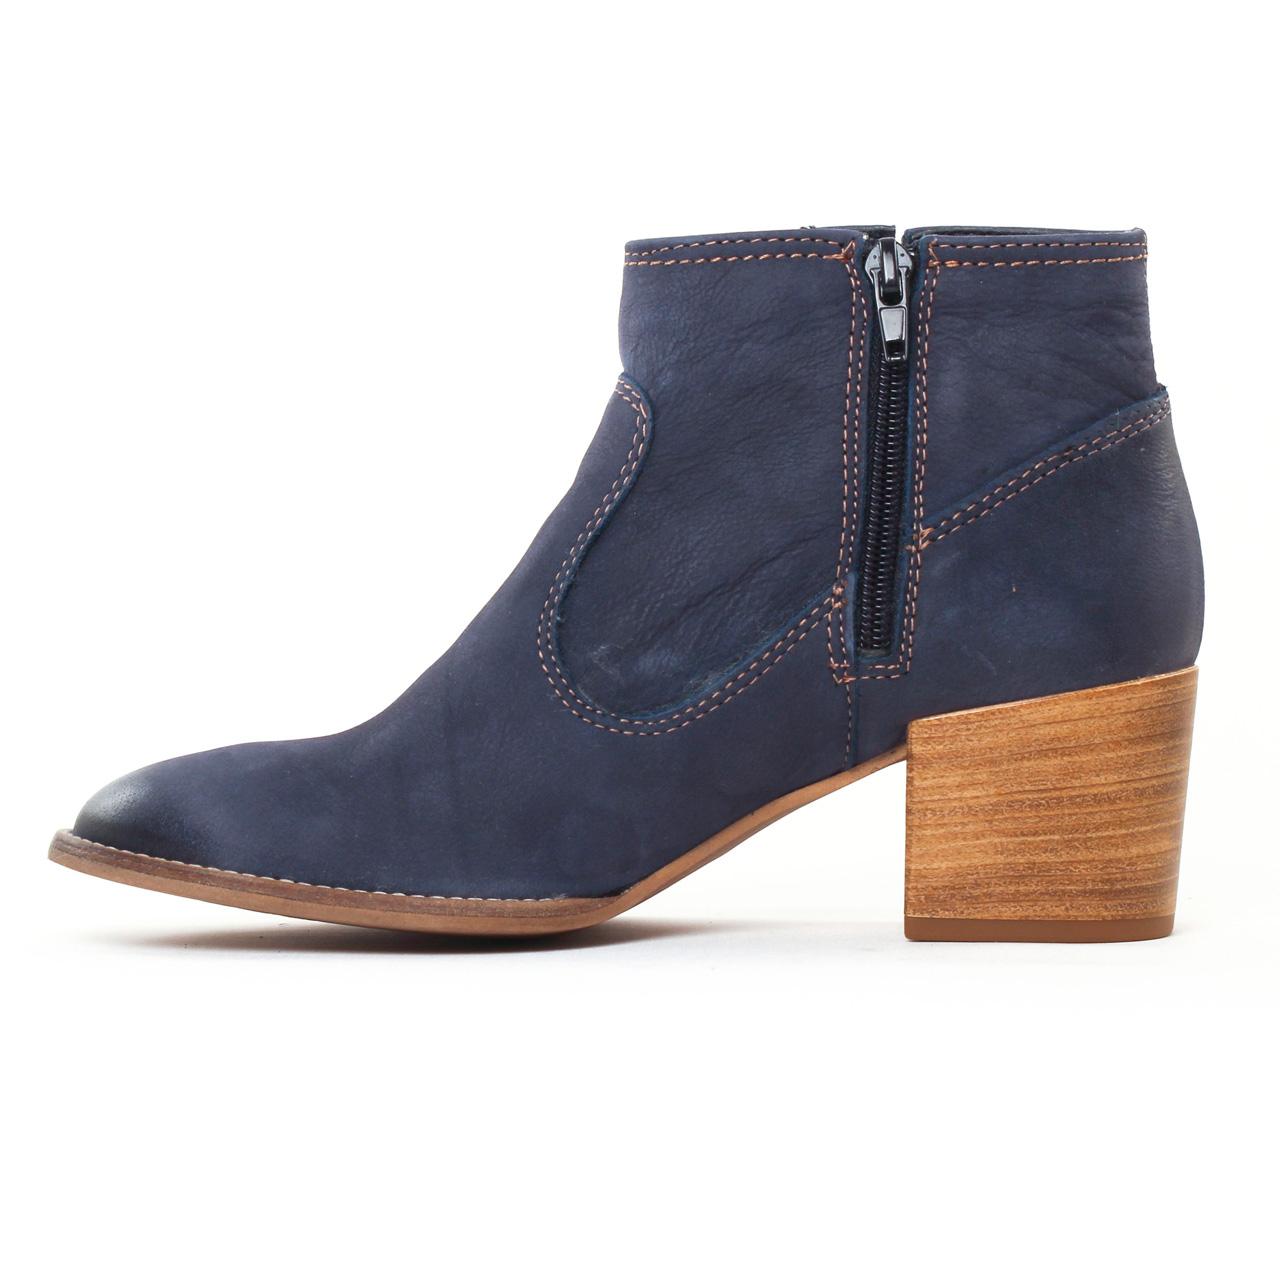 tamaris 25341 navy | boots bleu marine printemps été chez trois par 3